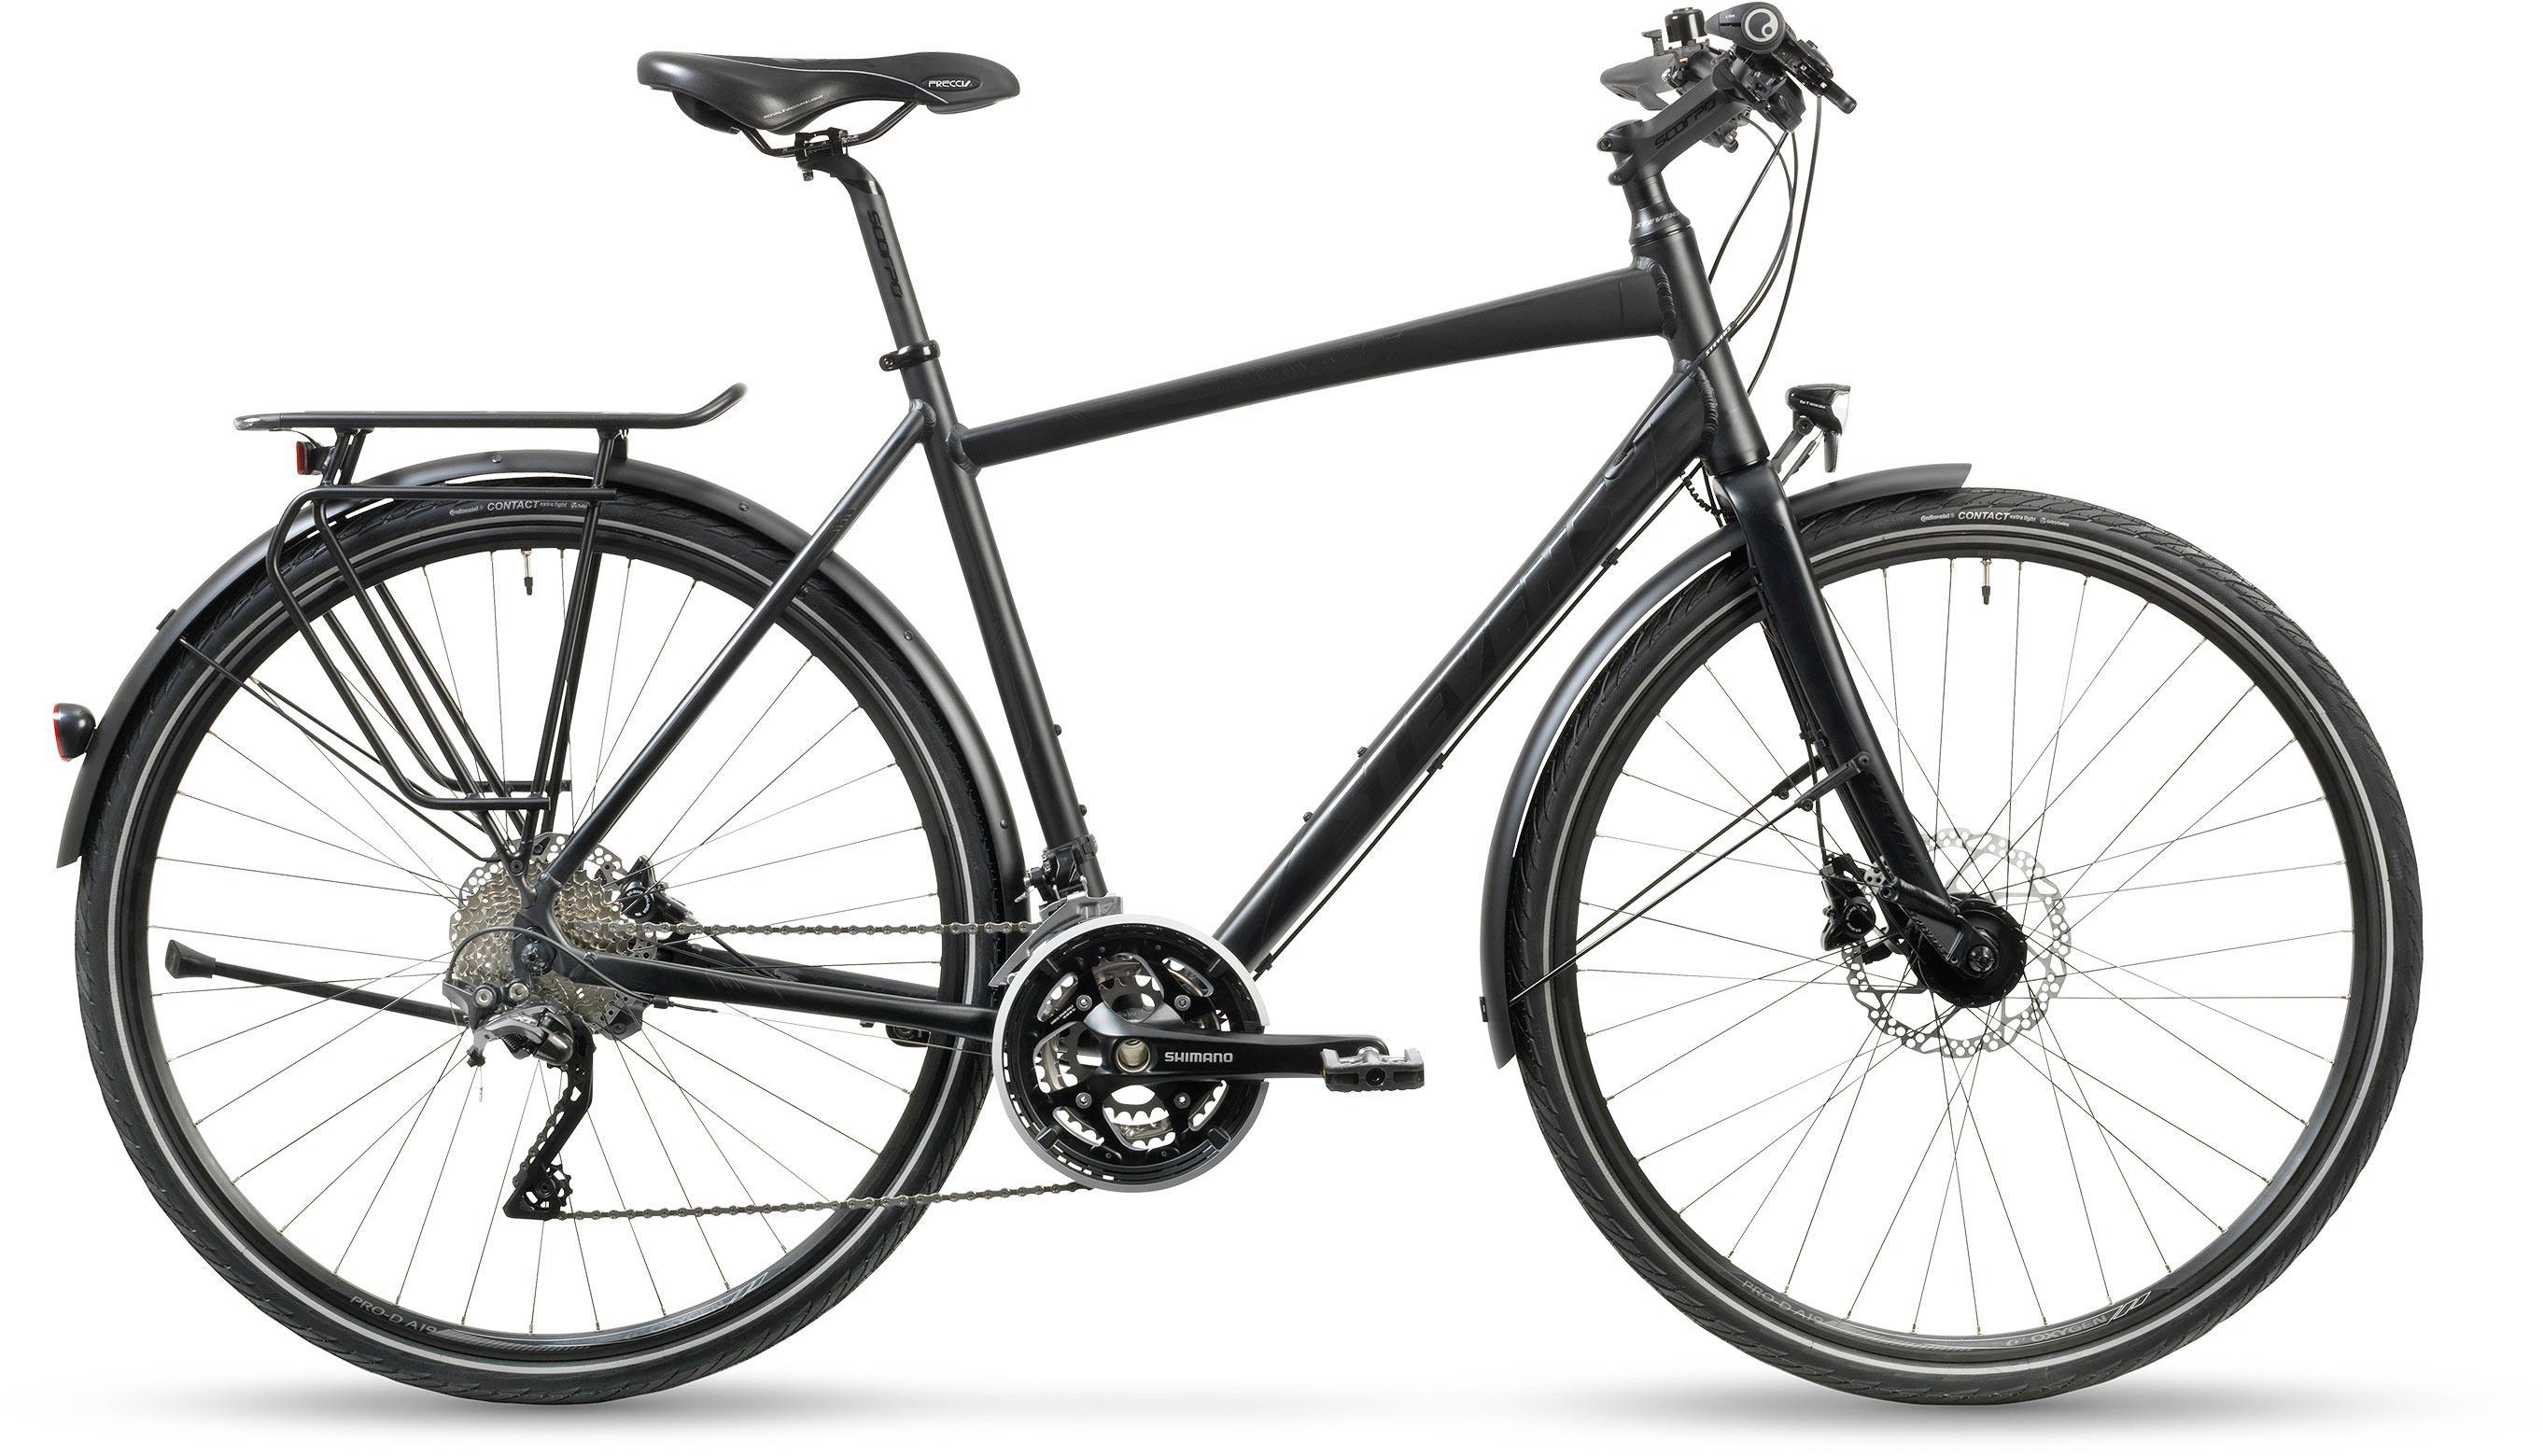 stevens randonneur disc city bikes fitnessr der 2017. Black Bedroom Furniture Sets. Home Design Ideas